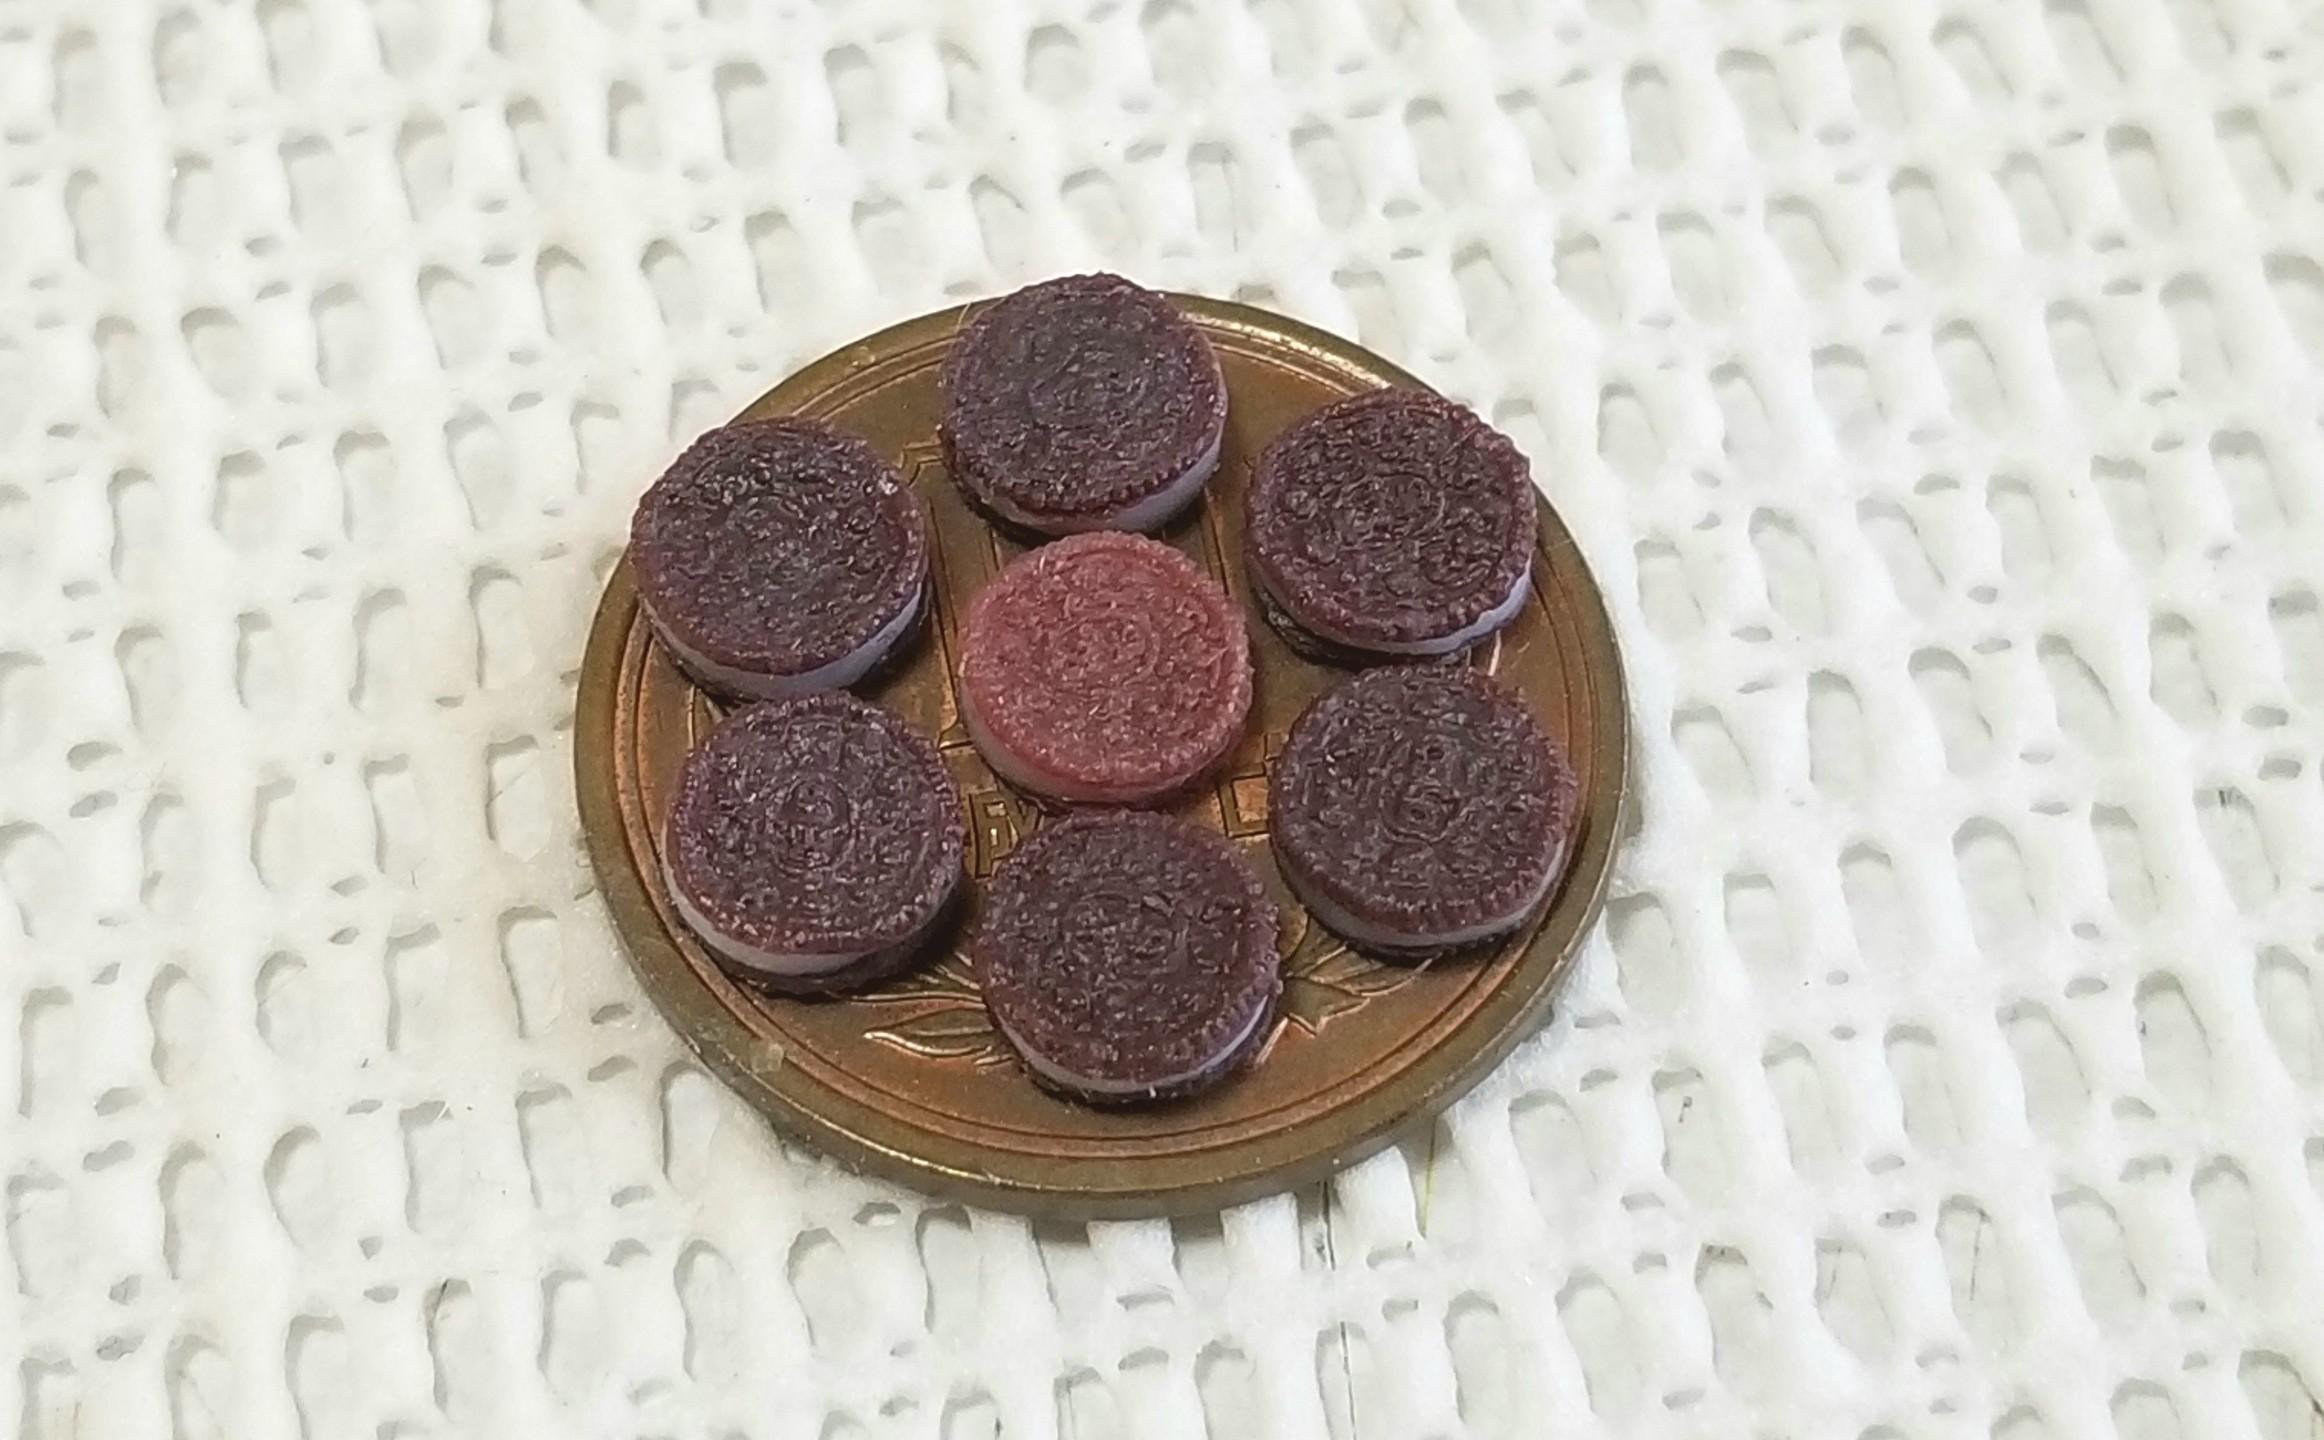 オレオ, ミニチュア, 樹脂粘土, B級品, ミンネ, ハンドメイド